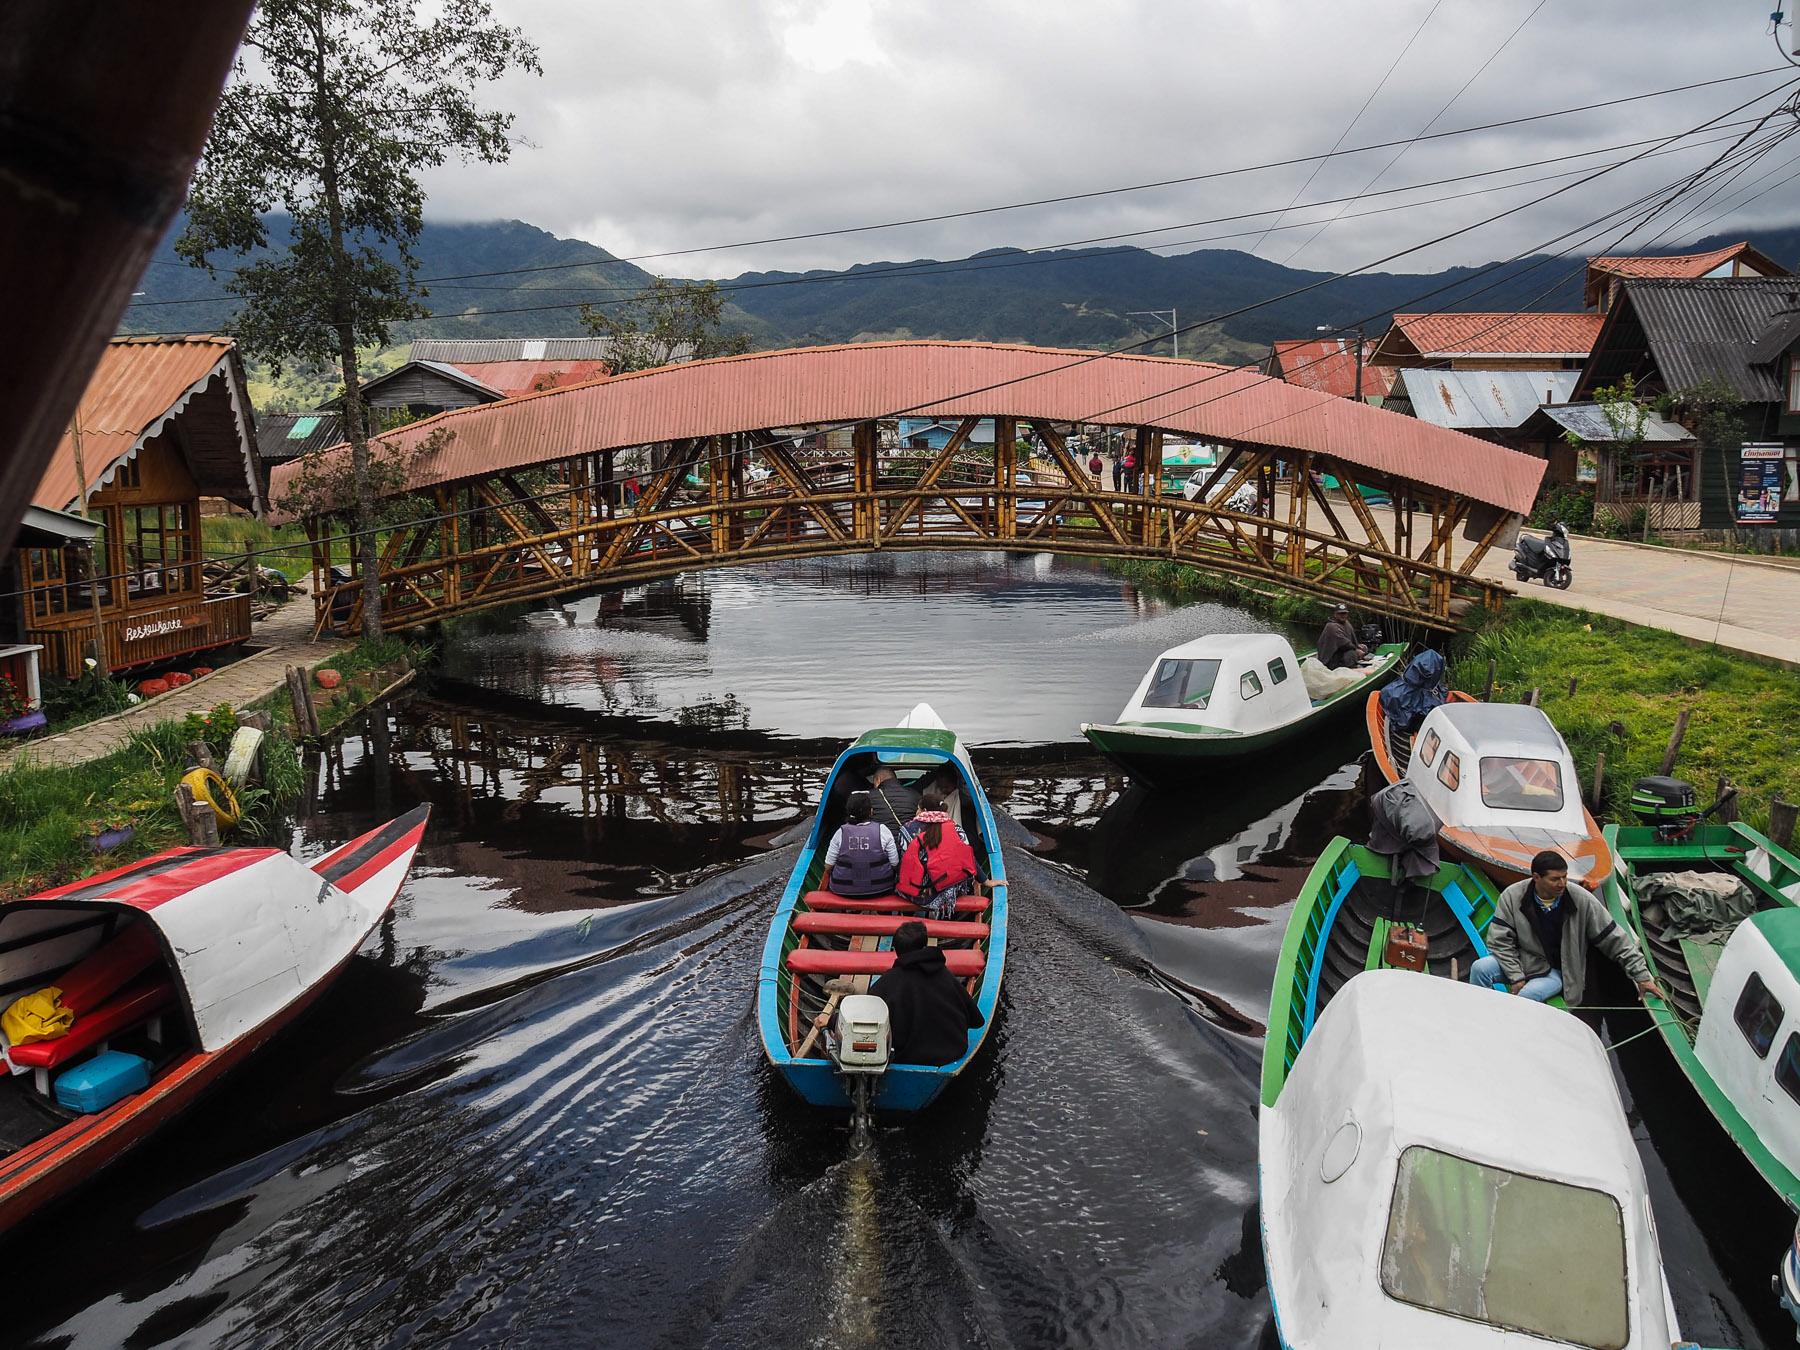 Milchkannen und Touristen, alles wird hier per Boot transportiert